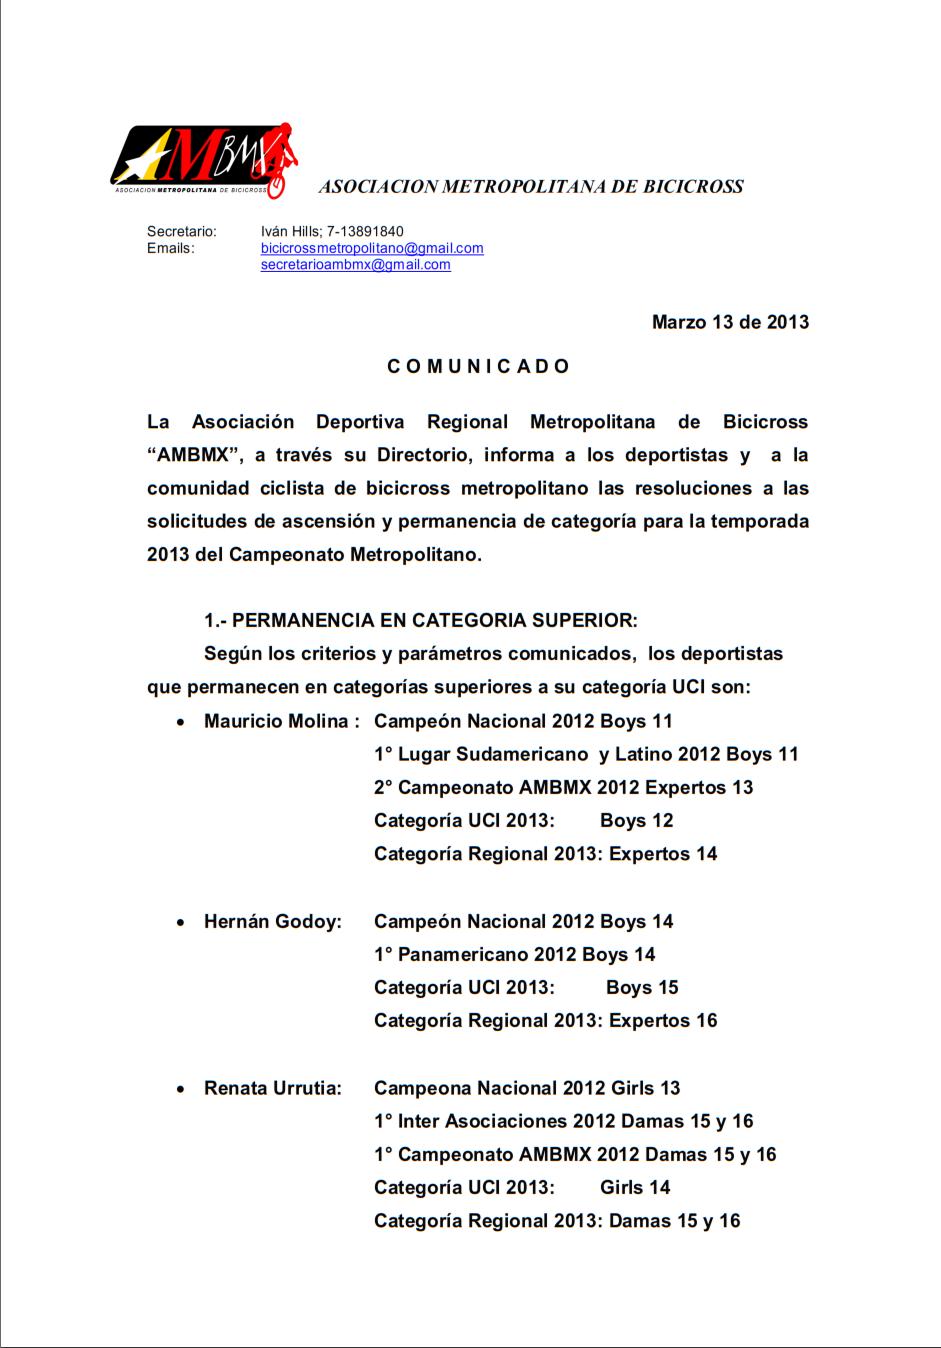 de Permanencia y Ascenso Categoría Campeonato Regional AMBMX 2013